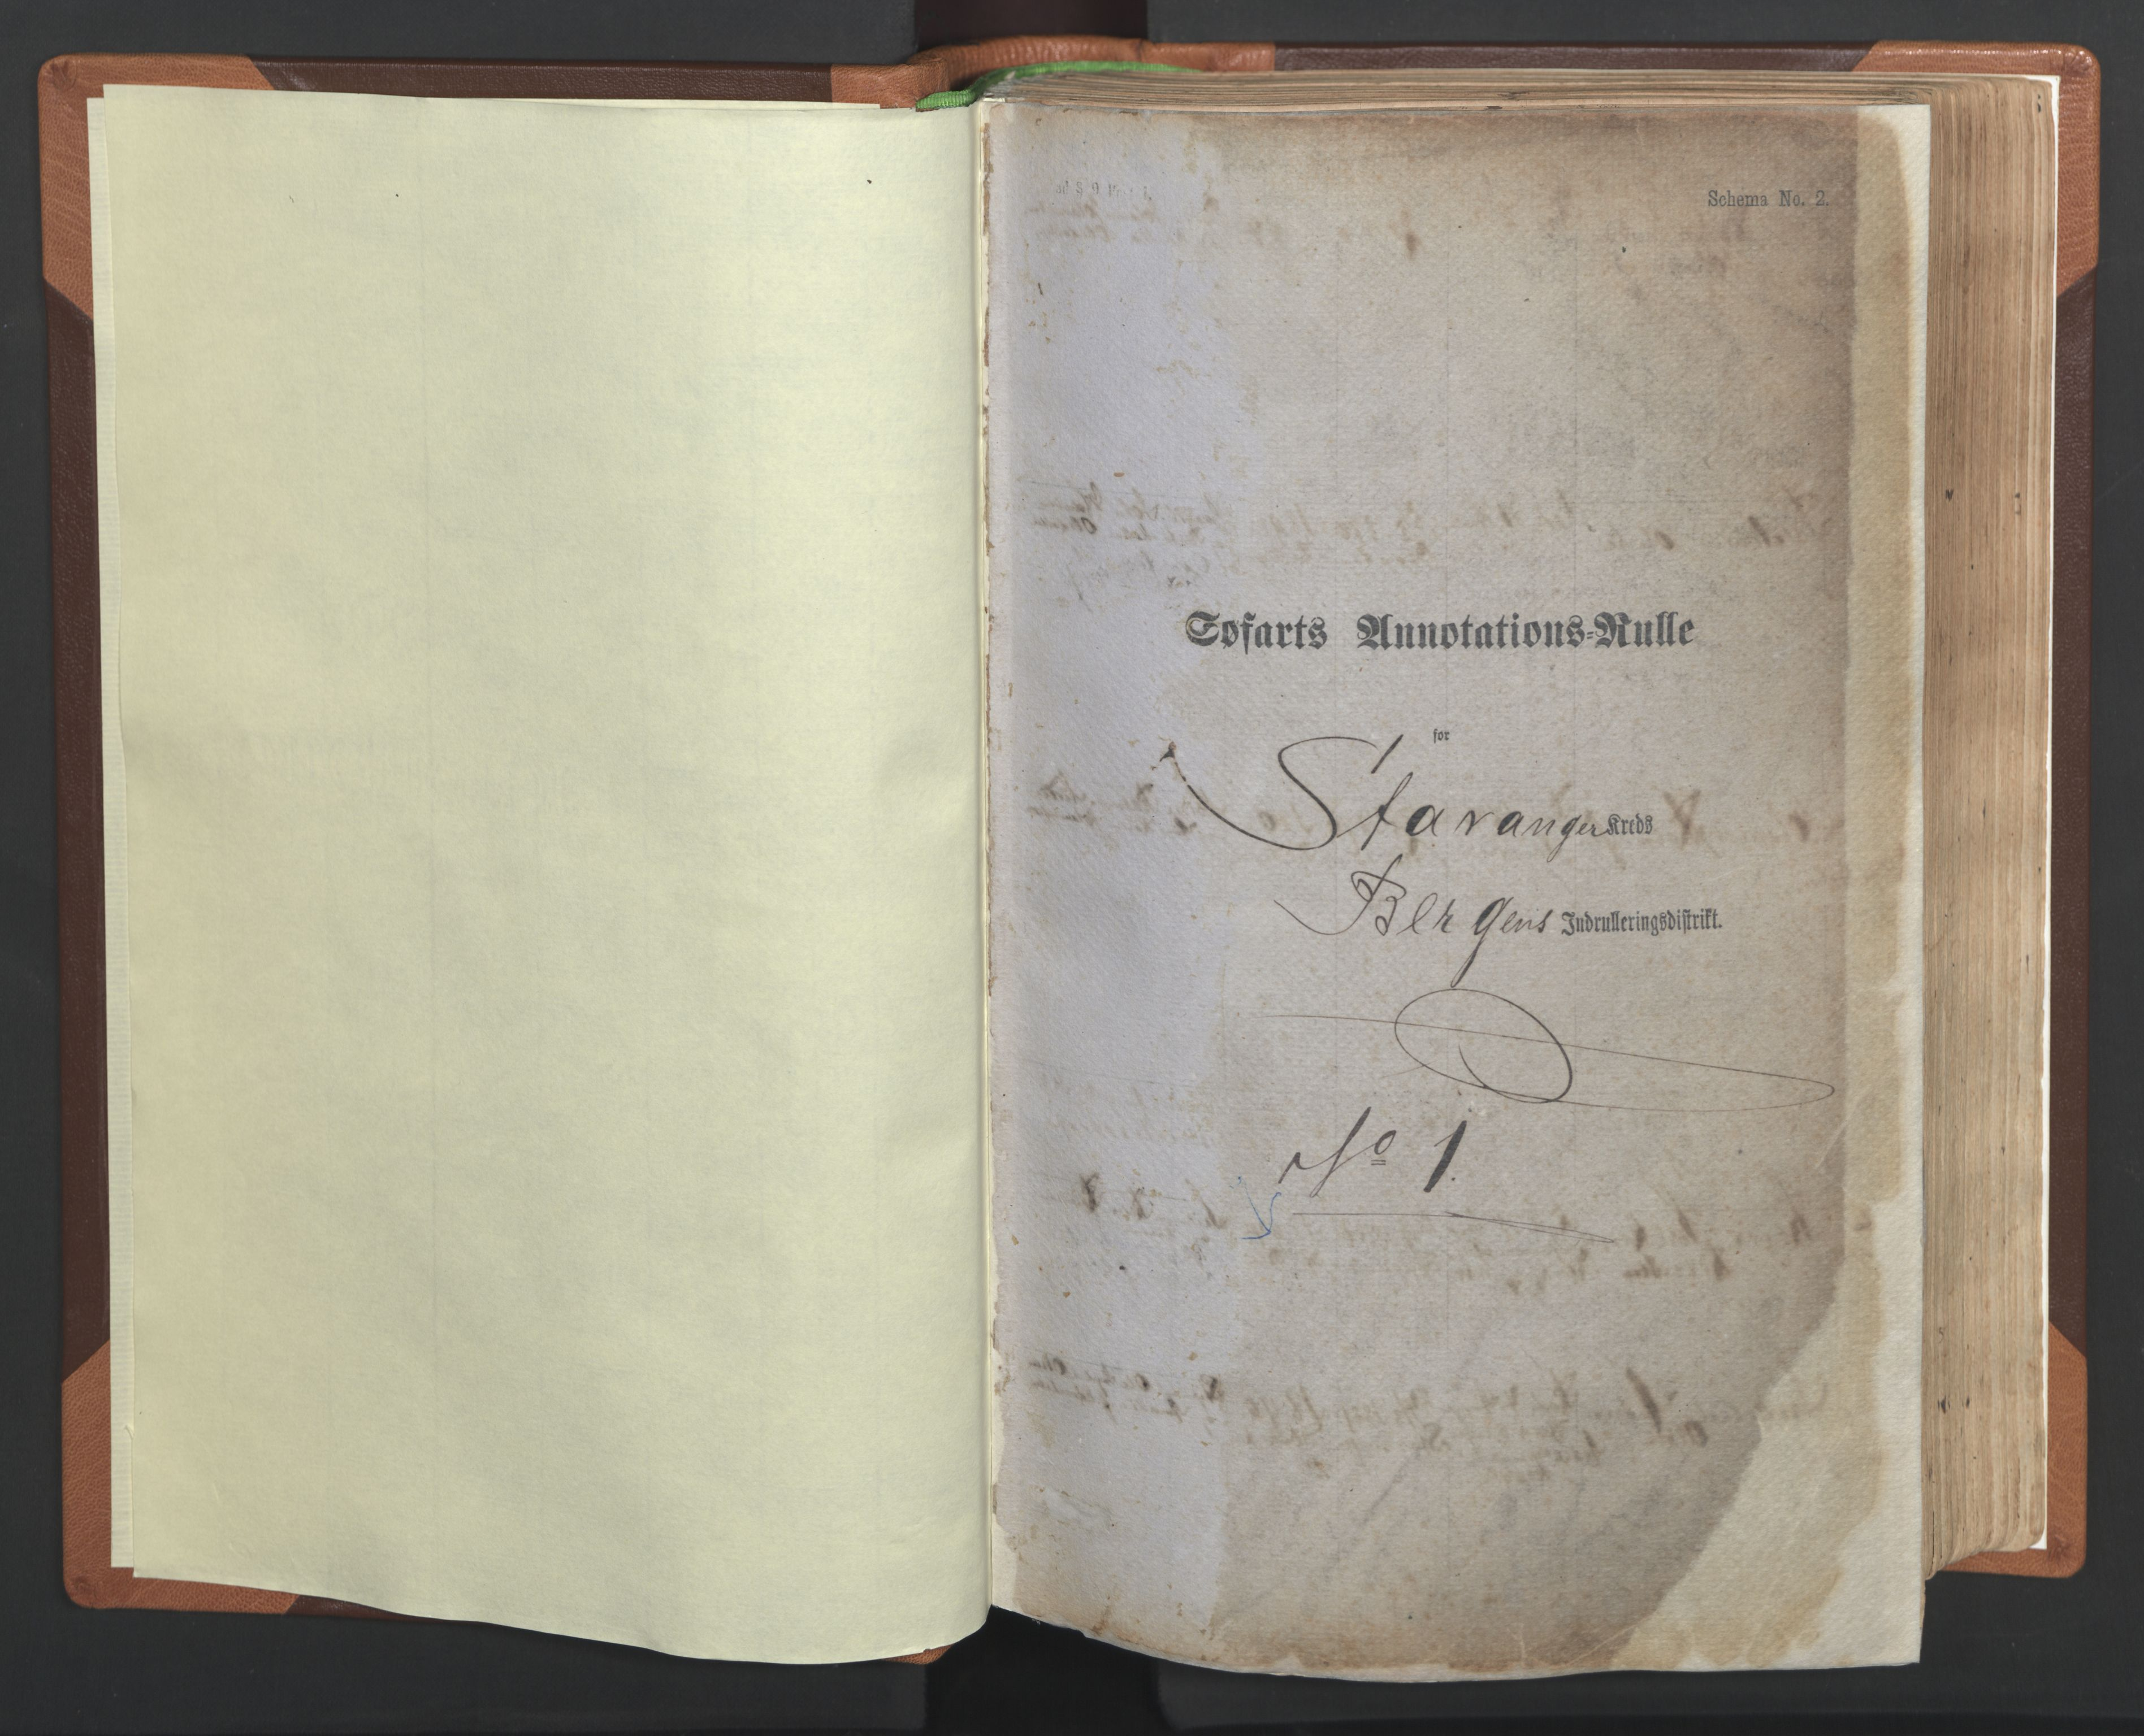 SAST, Stavanger sjømannskontor, F/Ff/L0004: Annotasjonsrulle No. 1, patentnr. 1-1785 (del 1), 1869-1900, s. 3